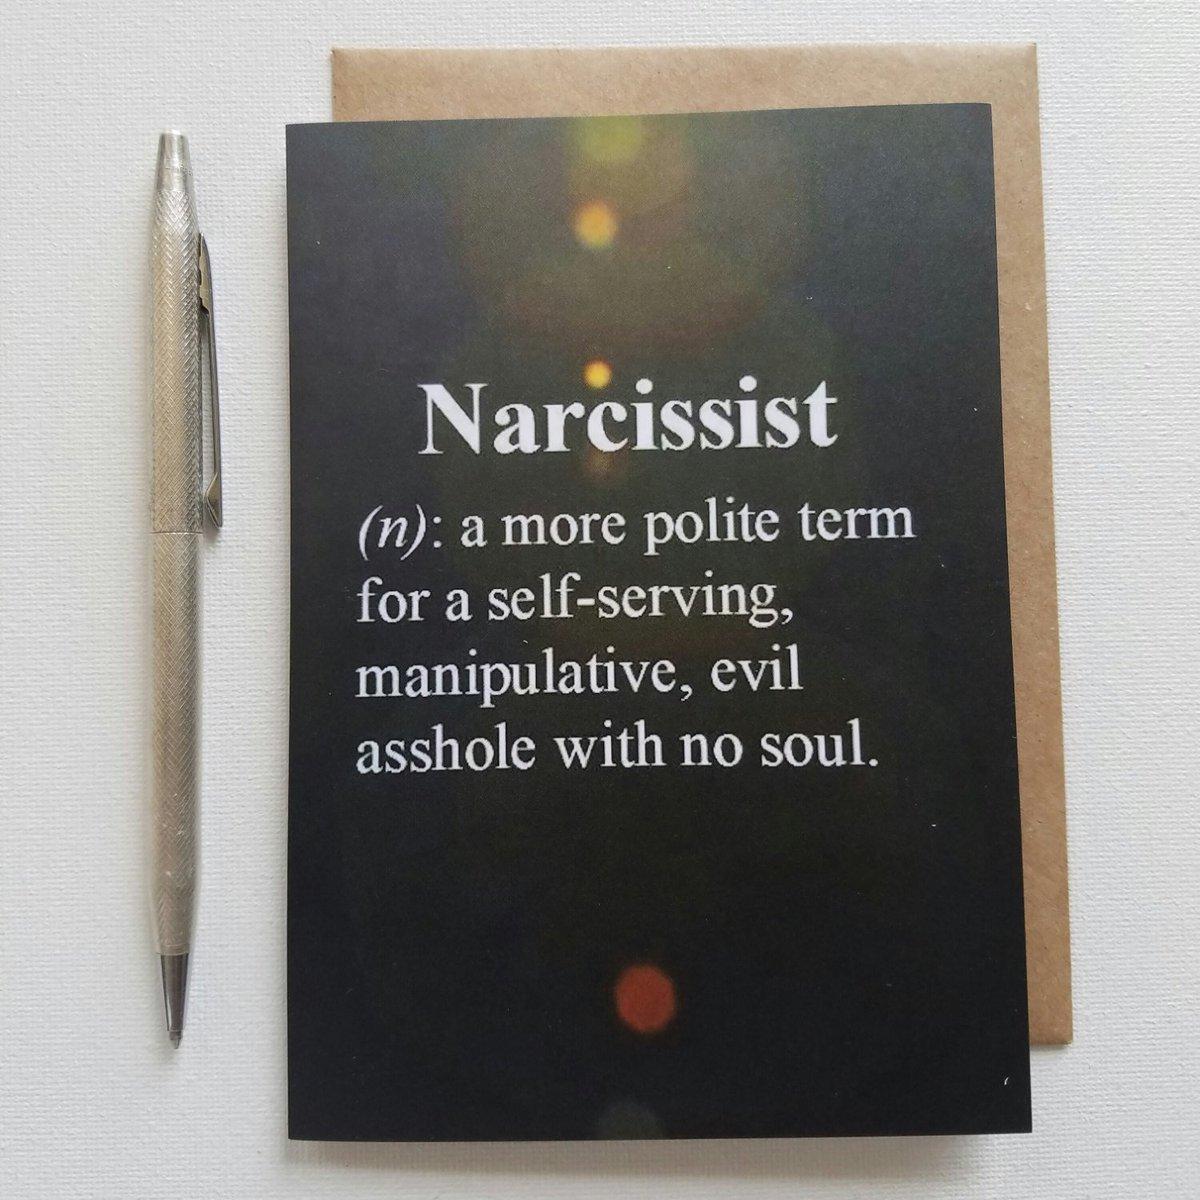 Hate mail on twitter hate mail narcissist anti greeting card hate mail on twitter hate mail narcissist anti greeting card cards for her car httpstaaw5zr7qnd cardsforher cardsforhim m4hsunfo